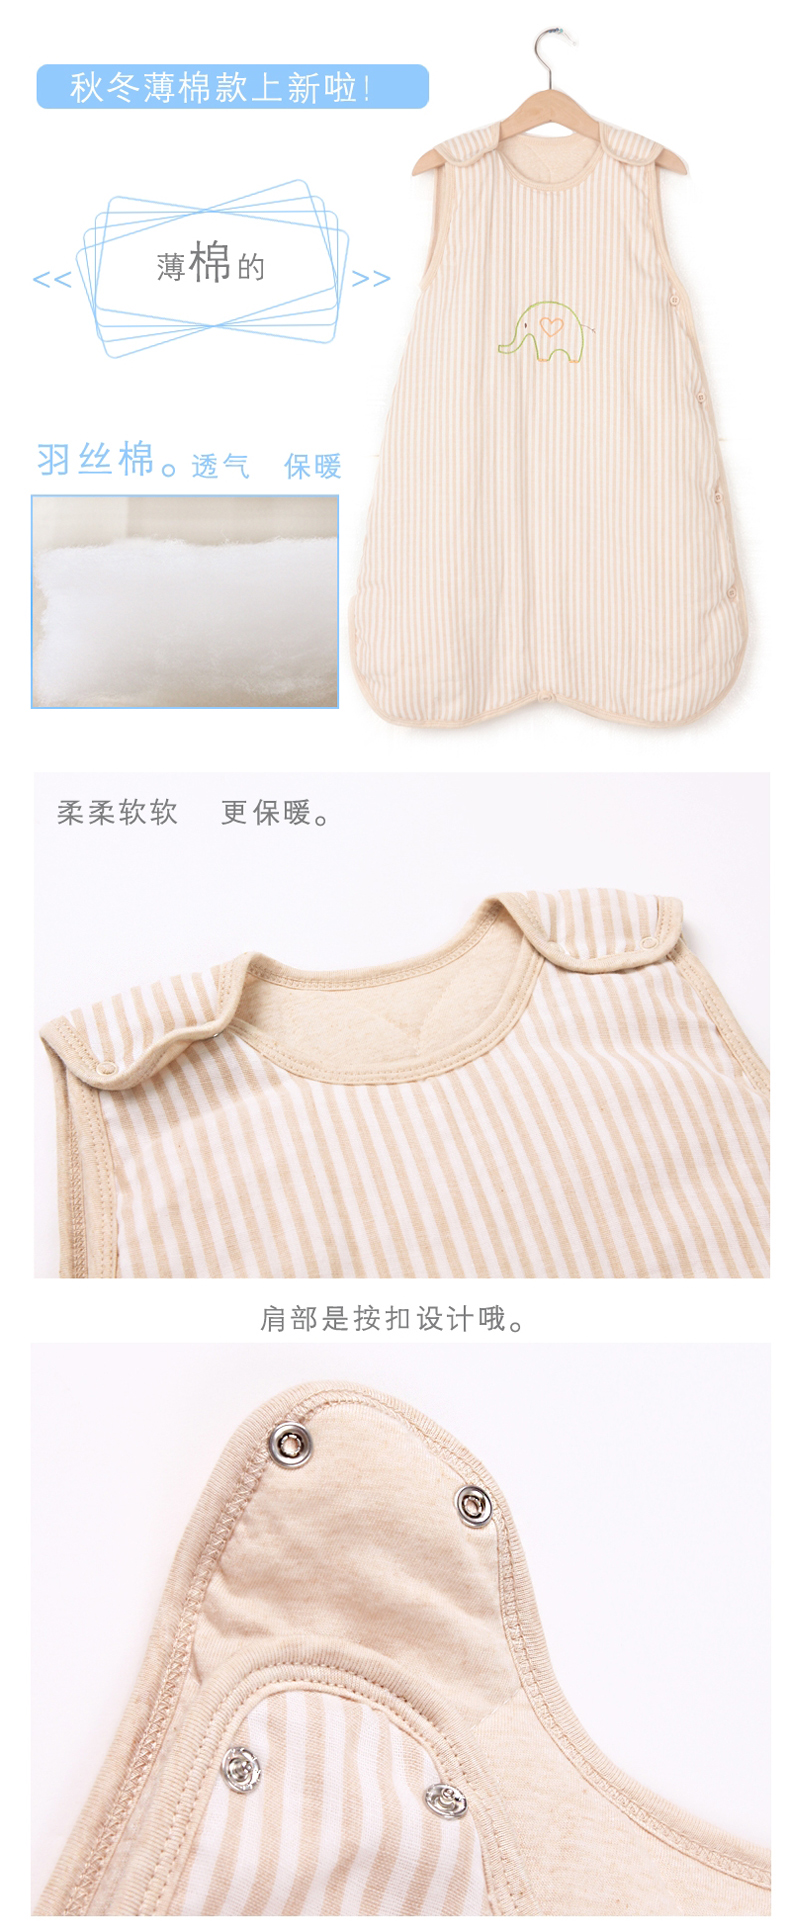 威尔贝鲁 彩棉婴儿睡袋背心睡袋儿童宝宝睡袋防踢被春秋夏款 春秋薄棉